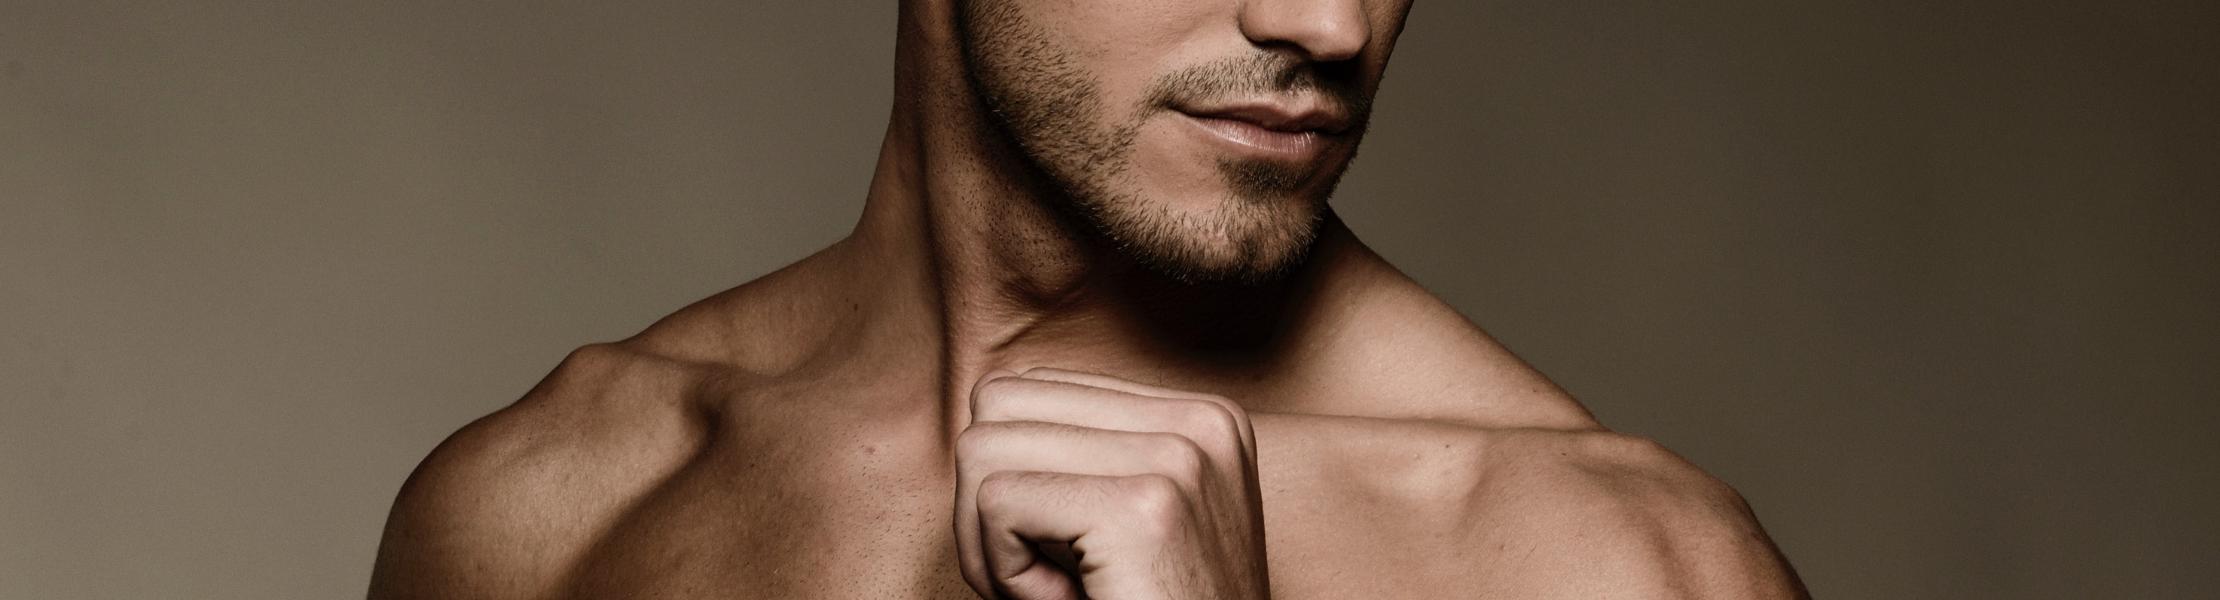 hudvård för män